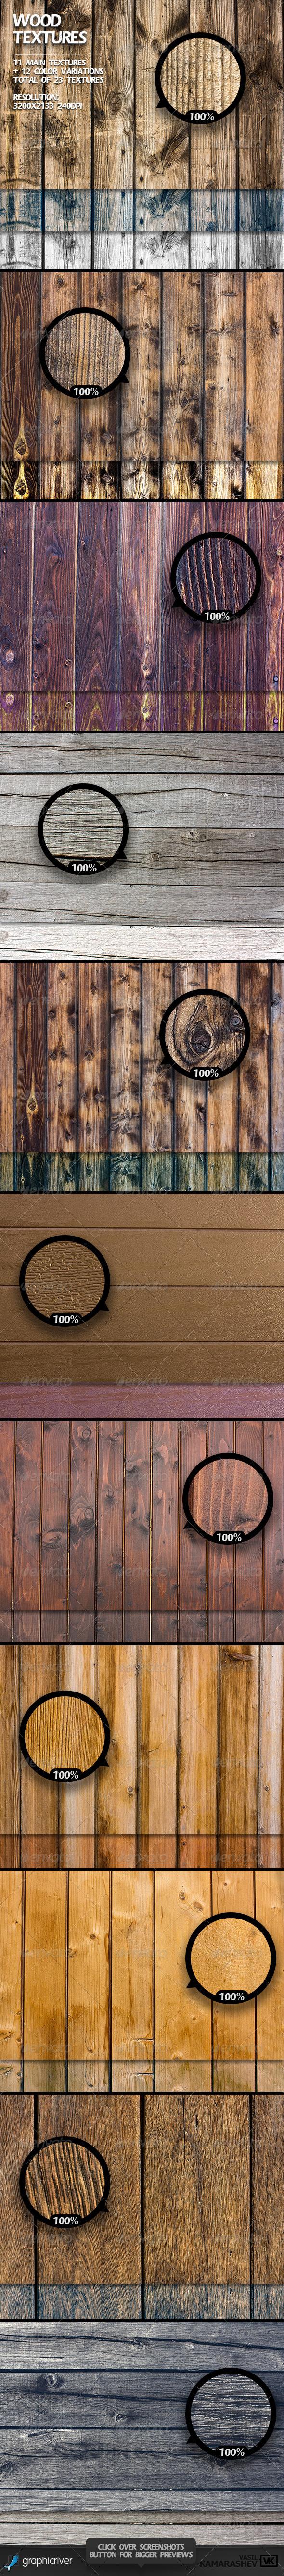 Wood Textures - Wood Textures